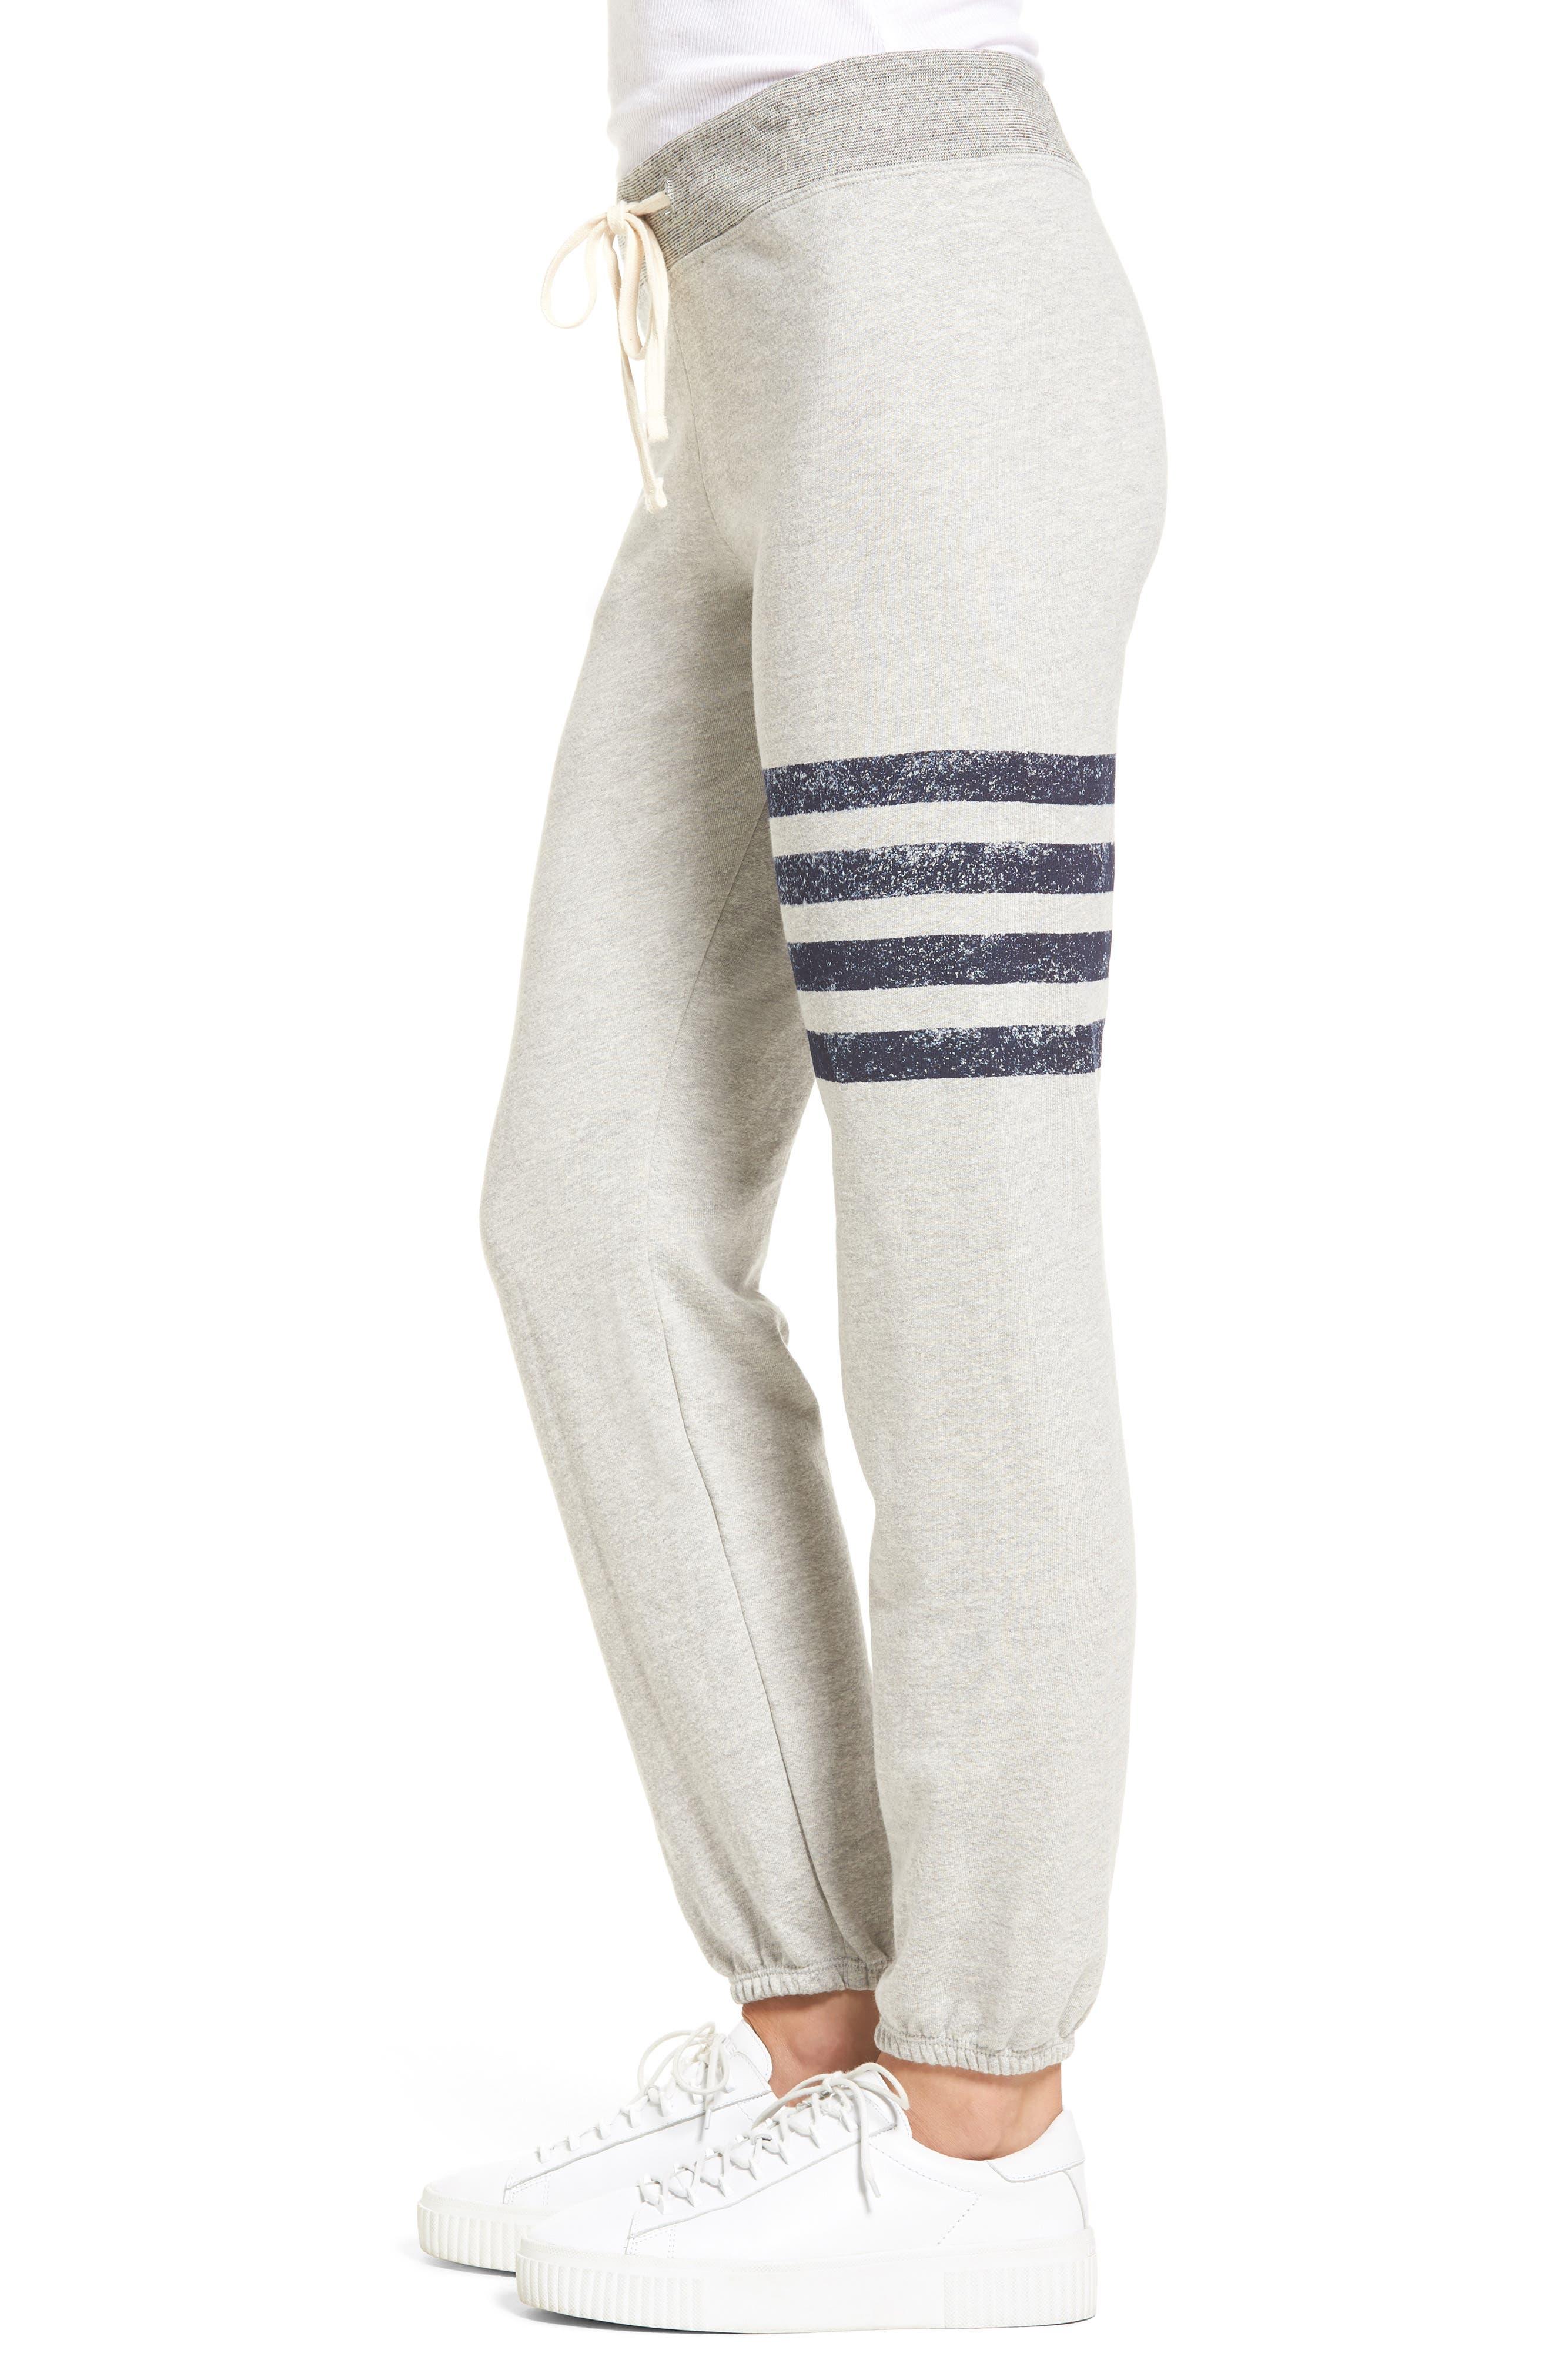 Stripe Yoga Pants,                             Alternate thumbnail 3, color,                             001